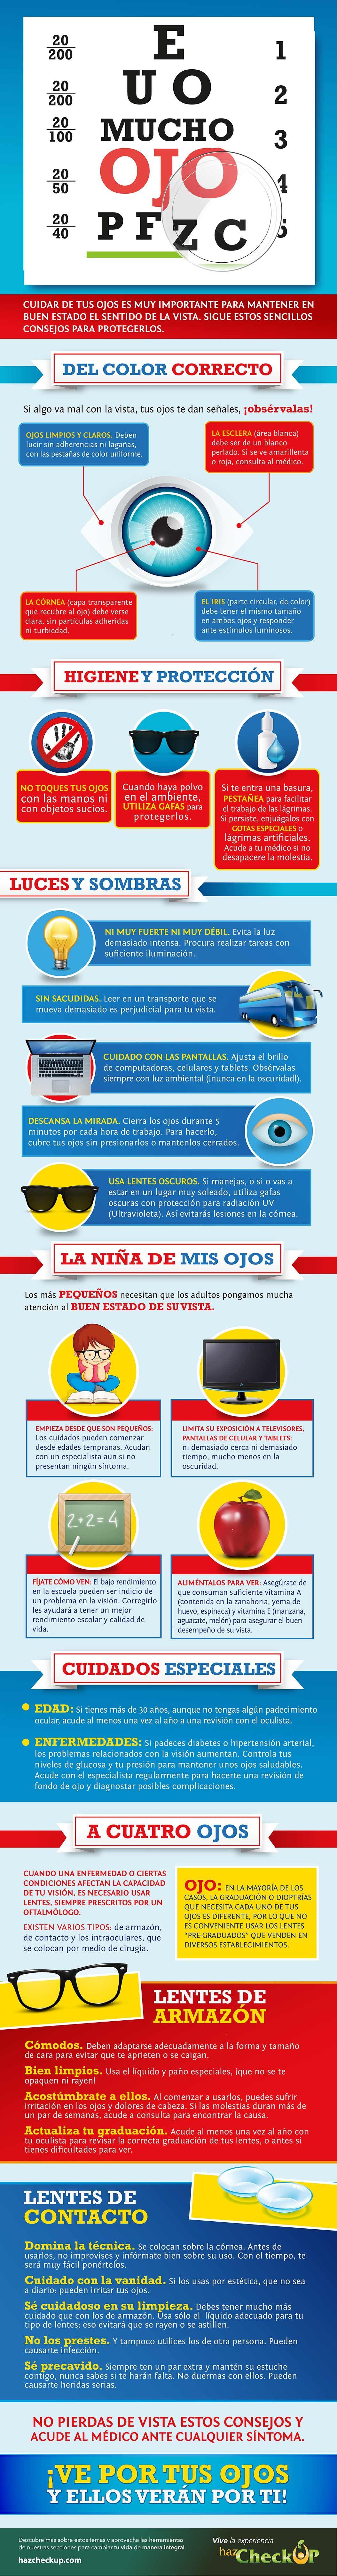 d5bbe0d97b Vista ¡Mucho ojo con tus ojos!   SALUD   Salud, Salud visual y Salud ...